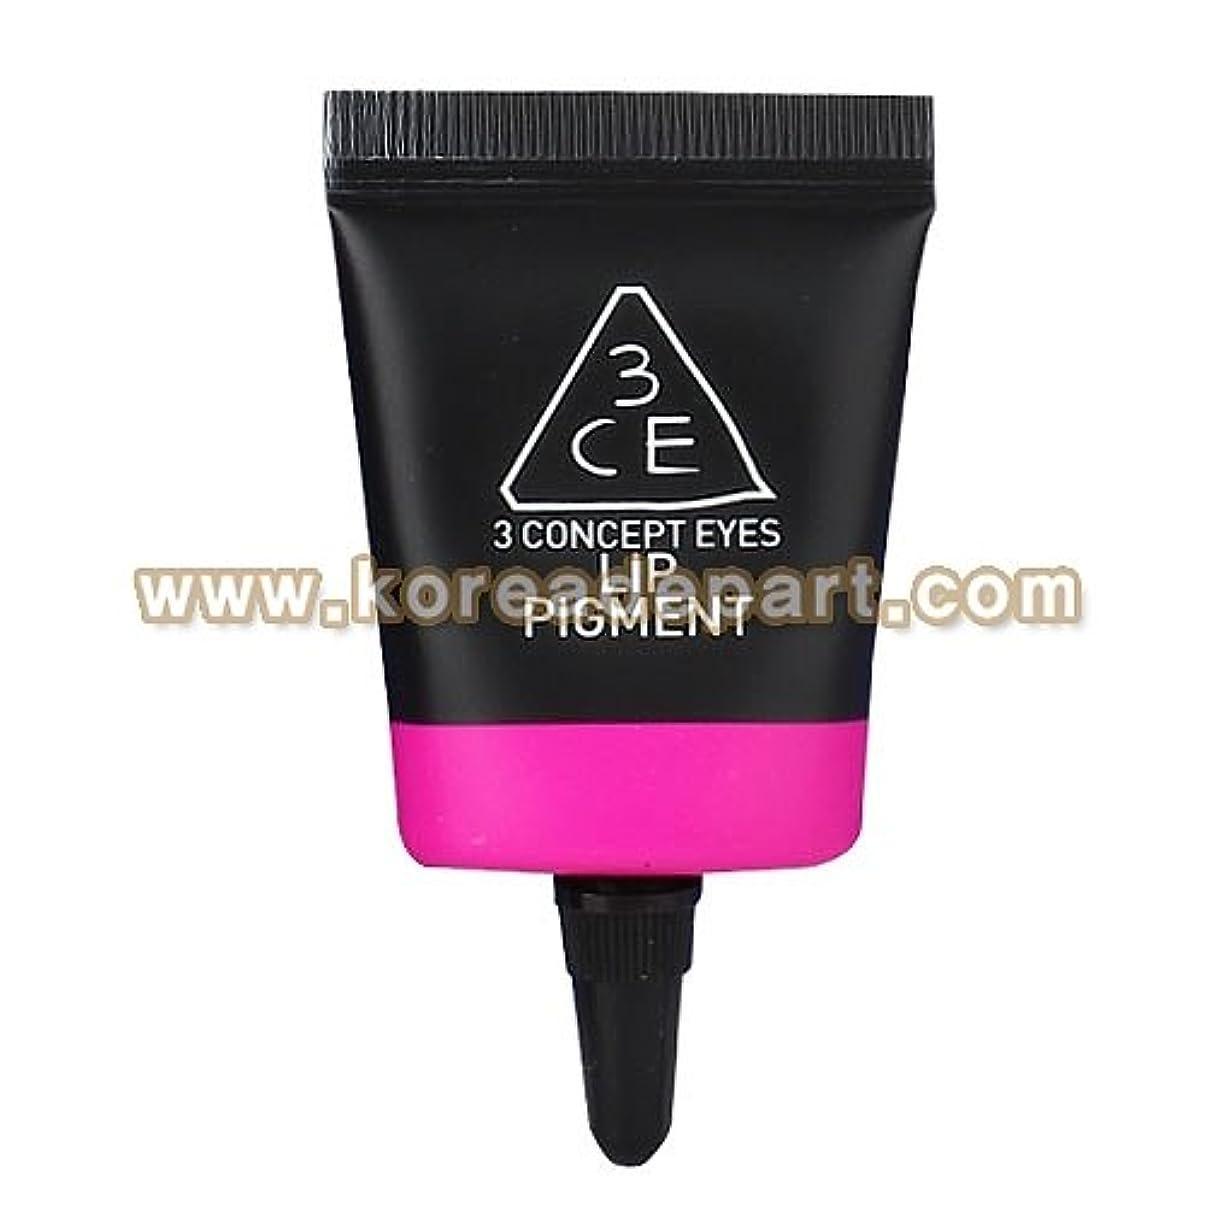 合わせて振り子膨らみ3CE リップ ピグメント (electro pink) [海外直送品][並行輸入品]